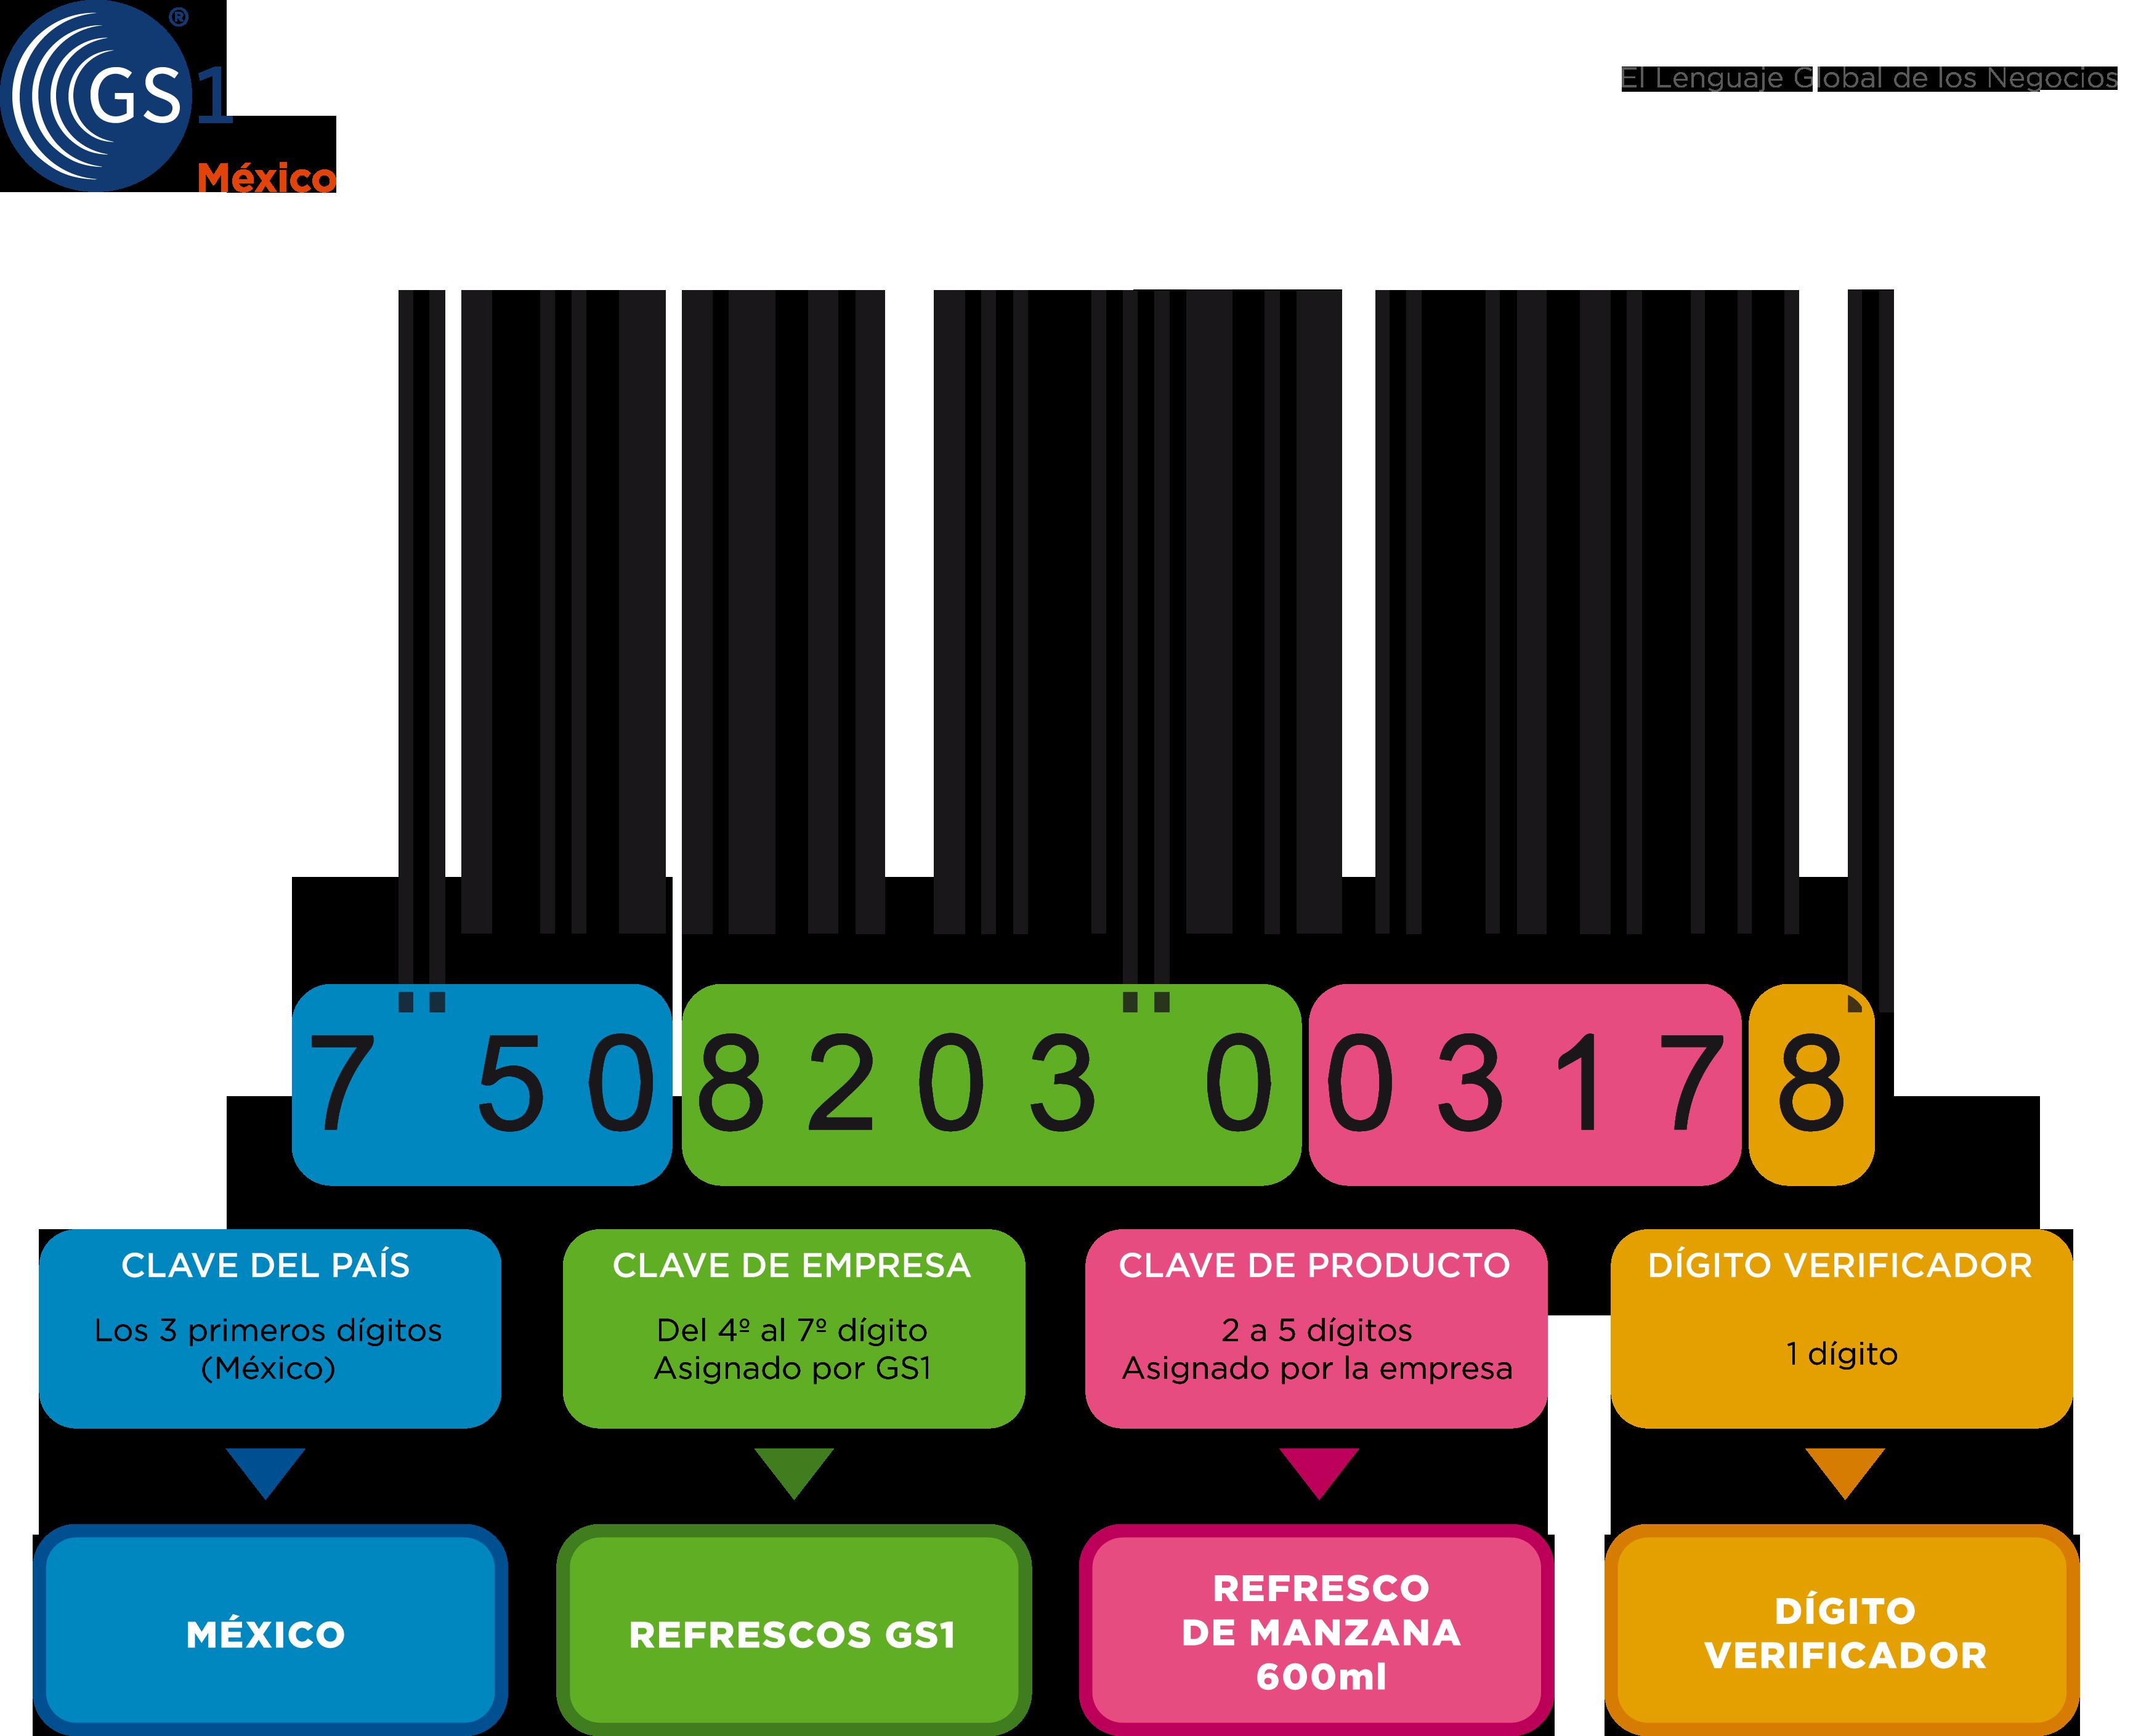 El Mito Del Código De Barras 750 Para Identificar